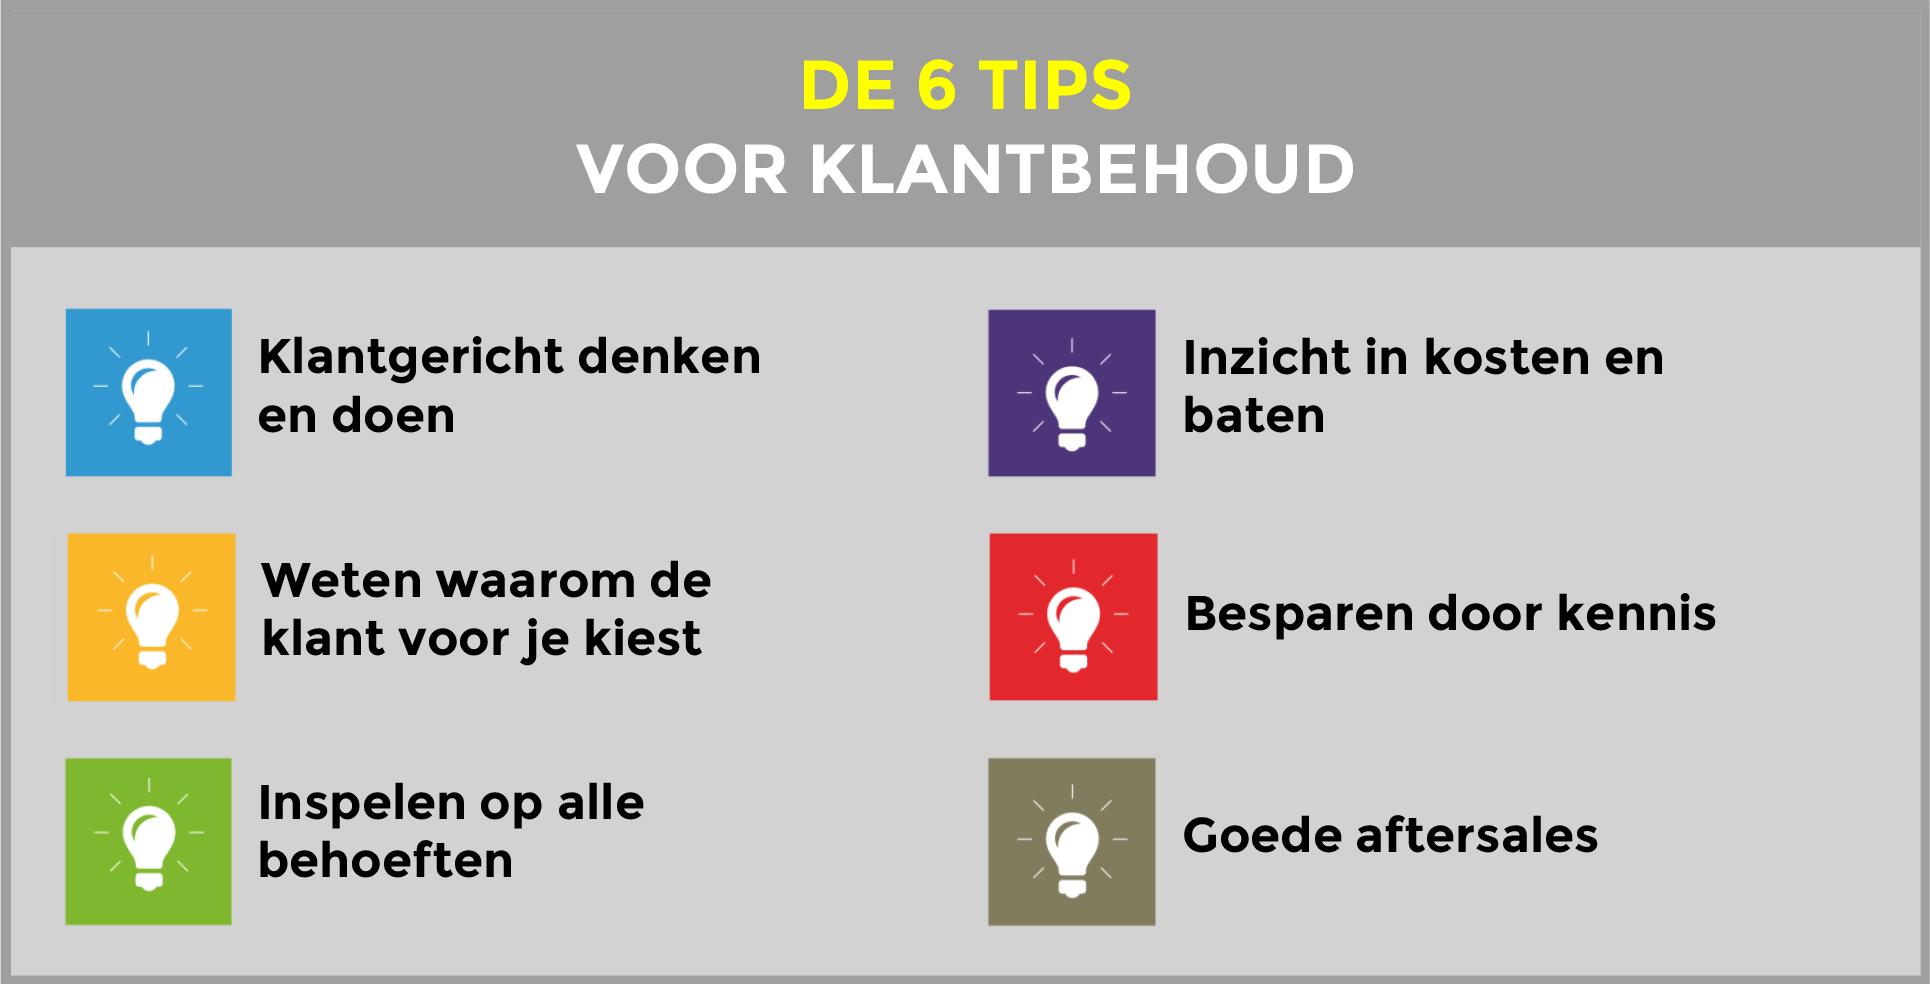 De 6 tips voor klantbehoud